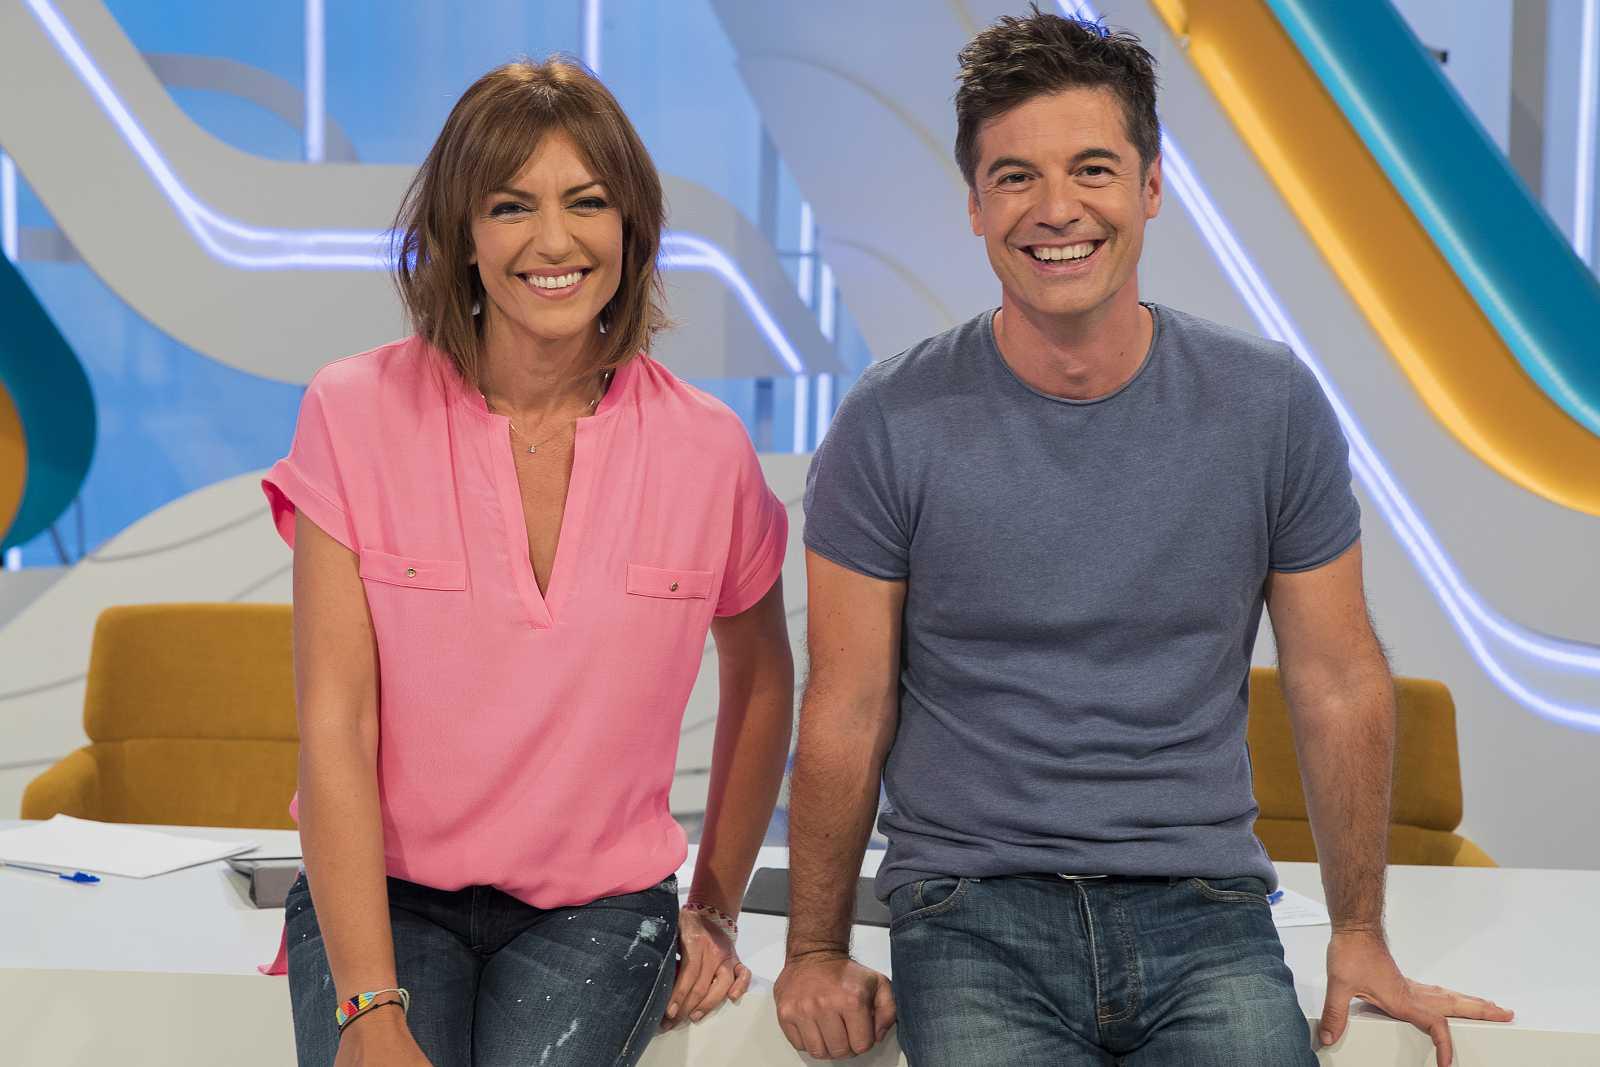 María José Molina y Antolín Romero, presentadores de 'Aquí Hay Trabajo'